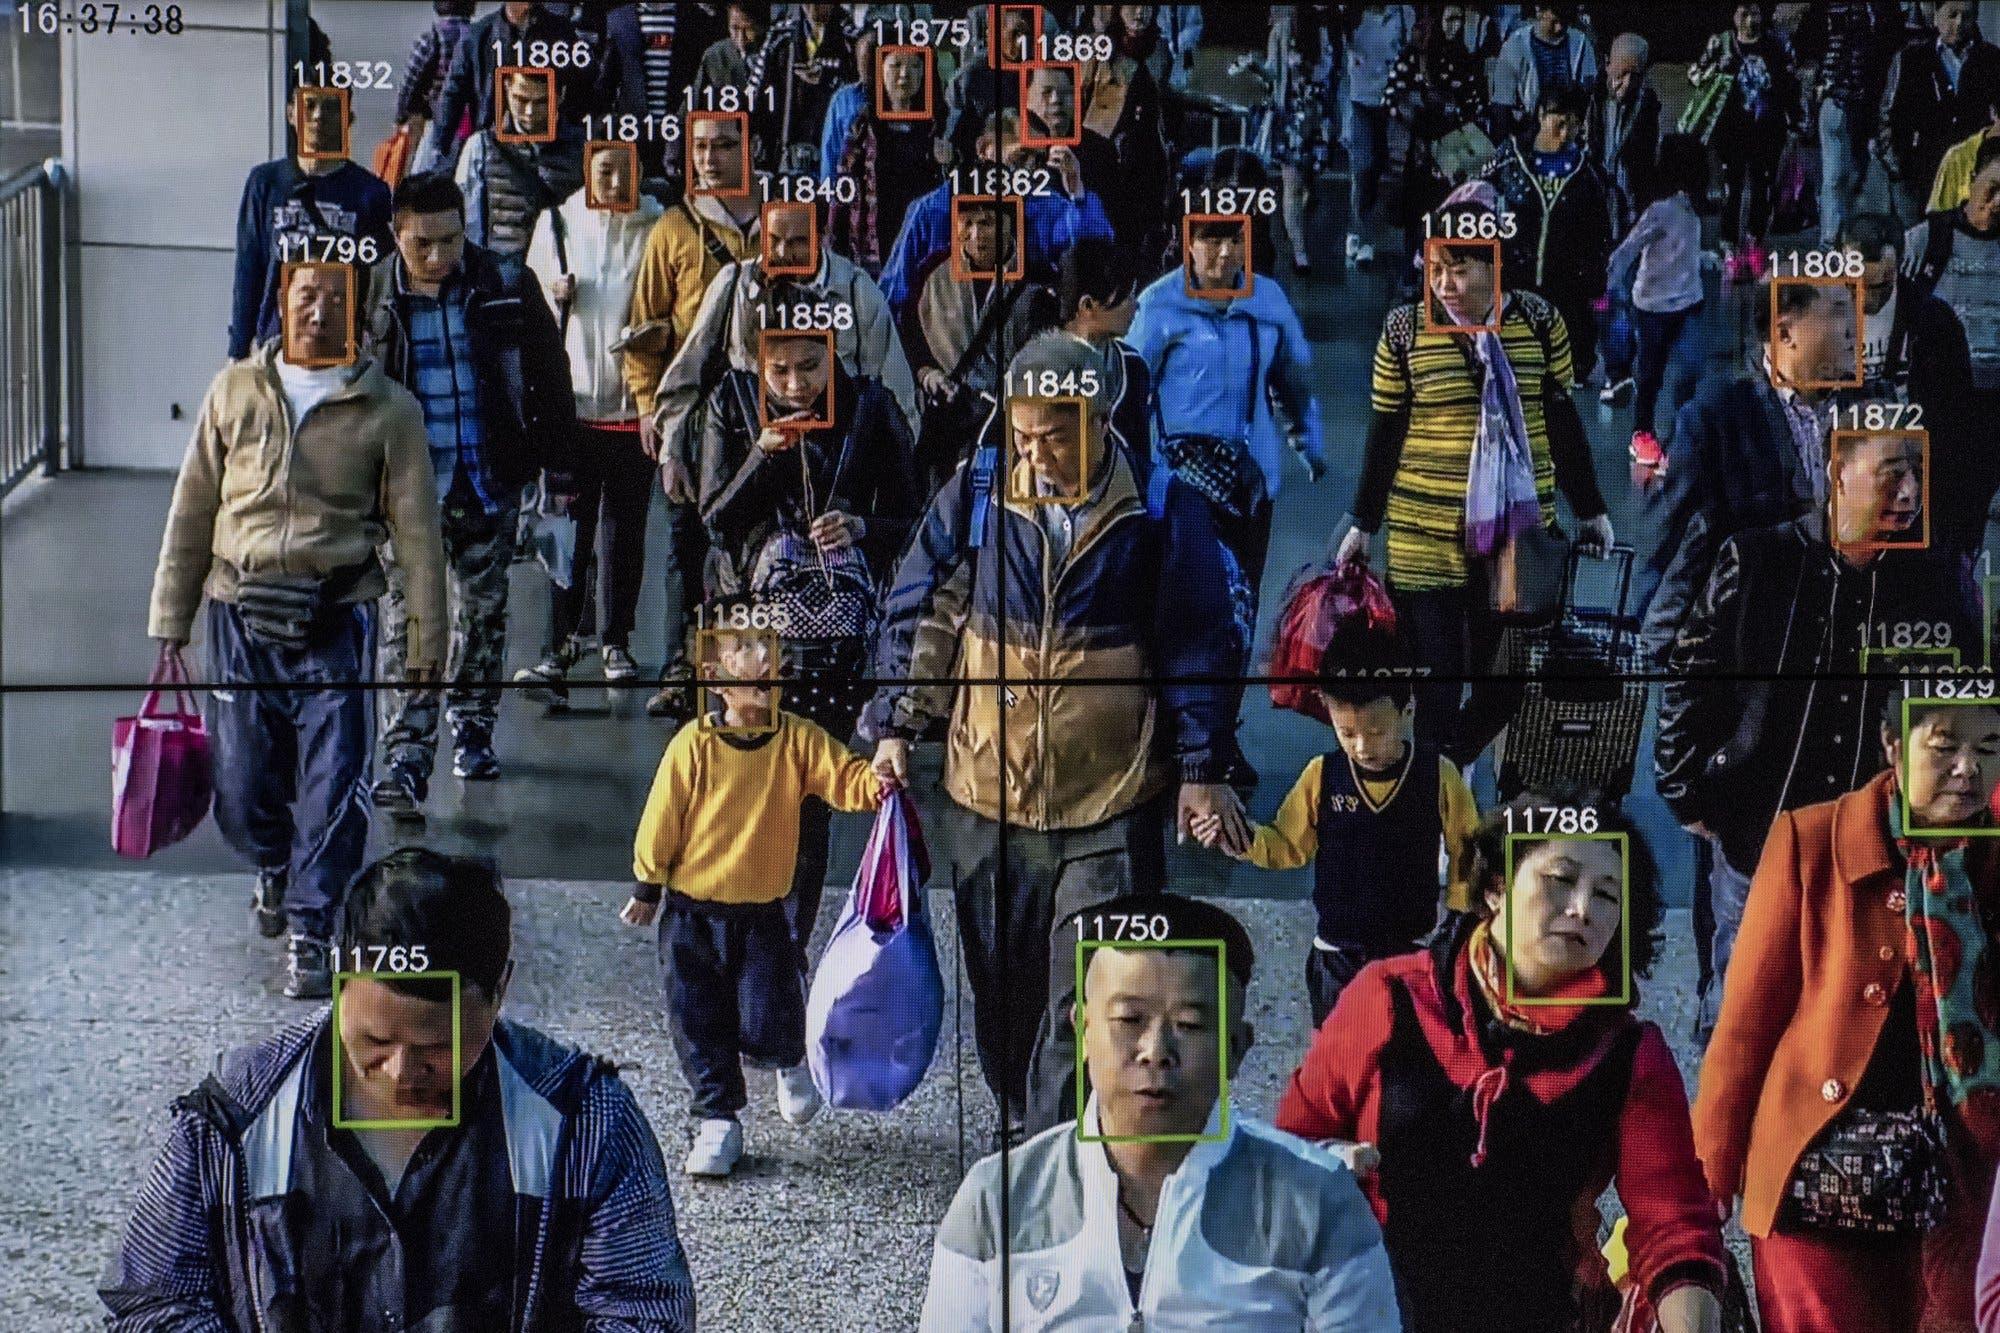 Ponen en duda la fiabilidad de los sistemas de seguridad basados reconocimiento facial